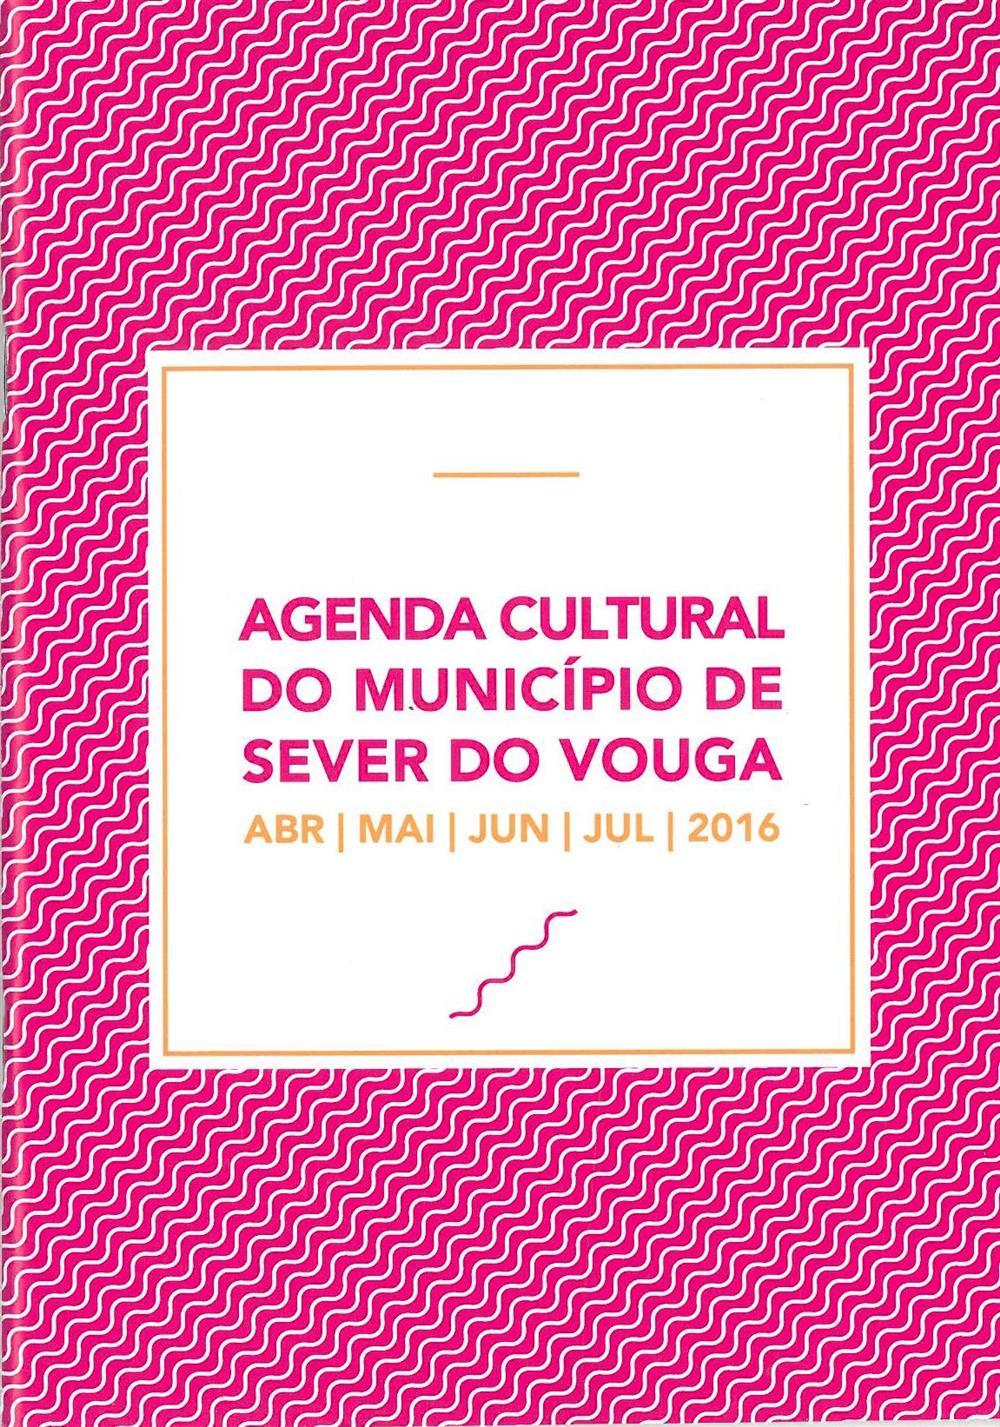 ACMSV-abr.,maio,jun.,jul.'16-capa-Agenda Cultural do Município de Sever do Vouga.jpg